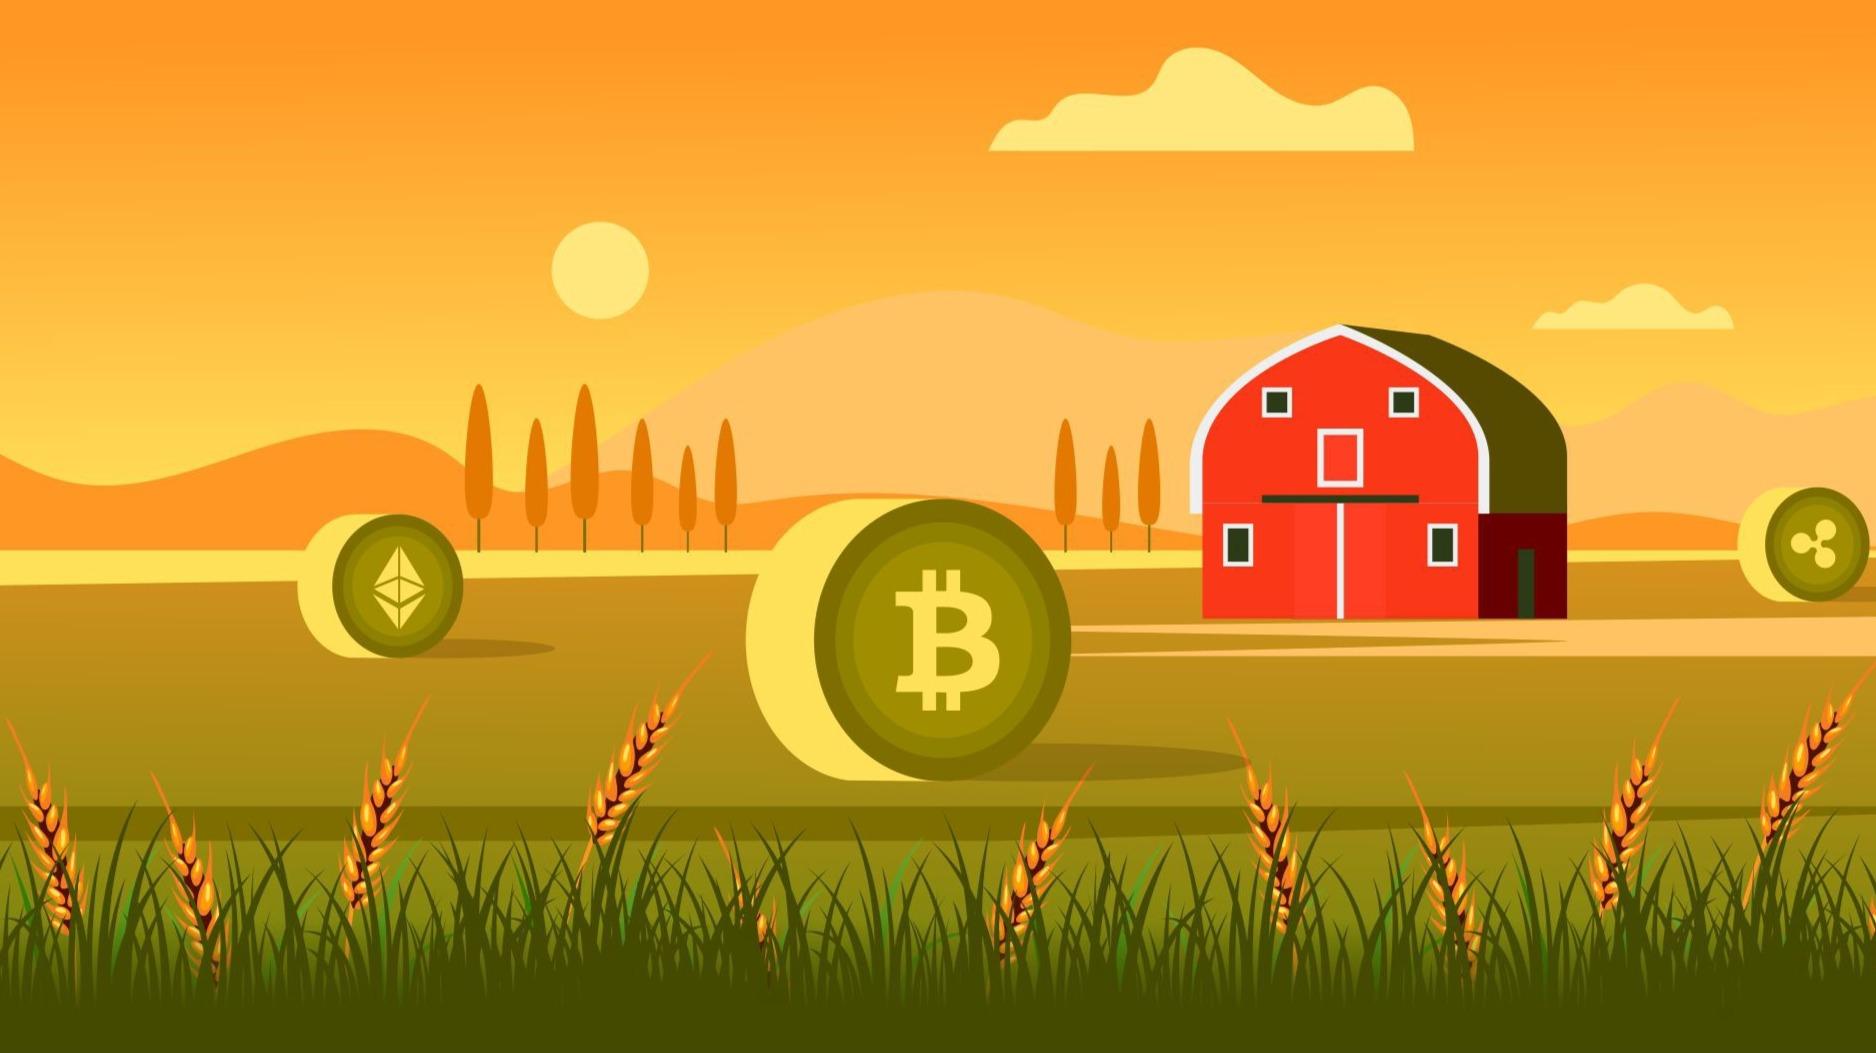 defi yeild farming